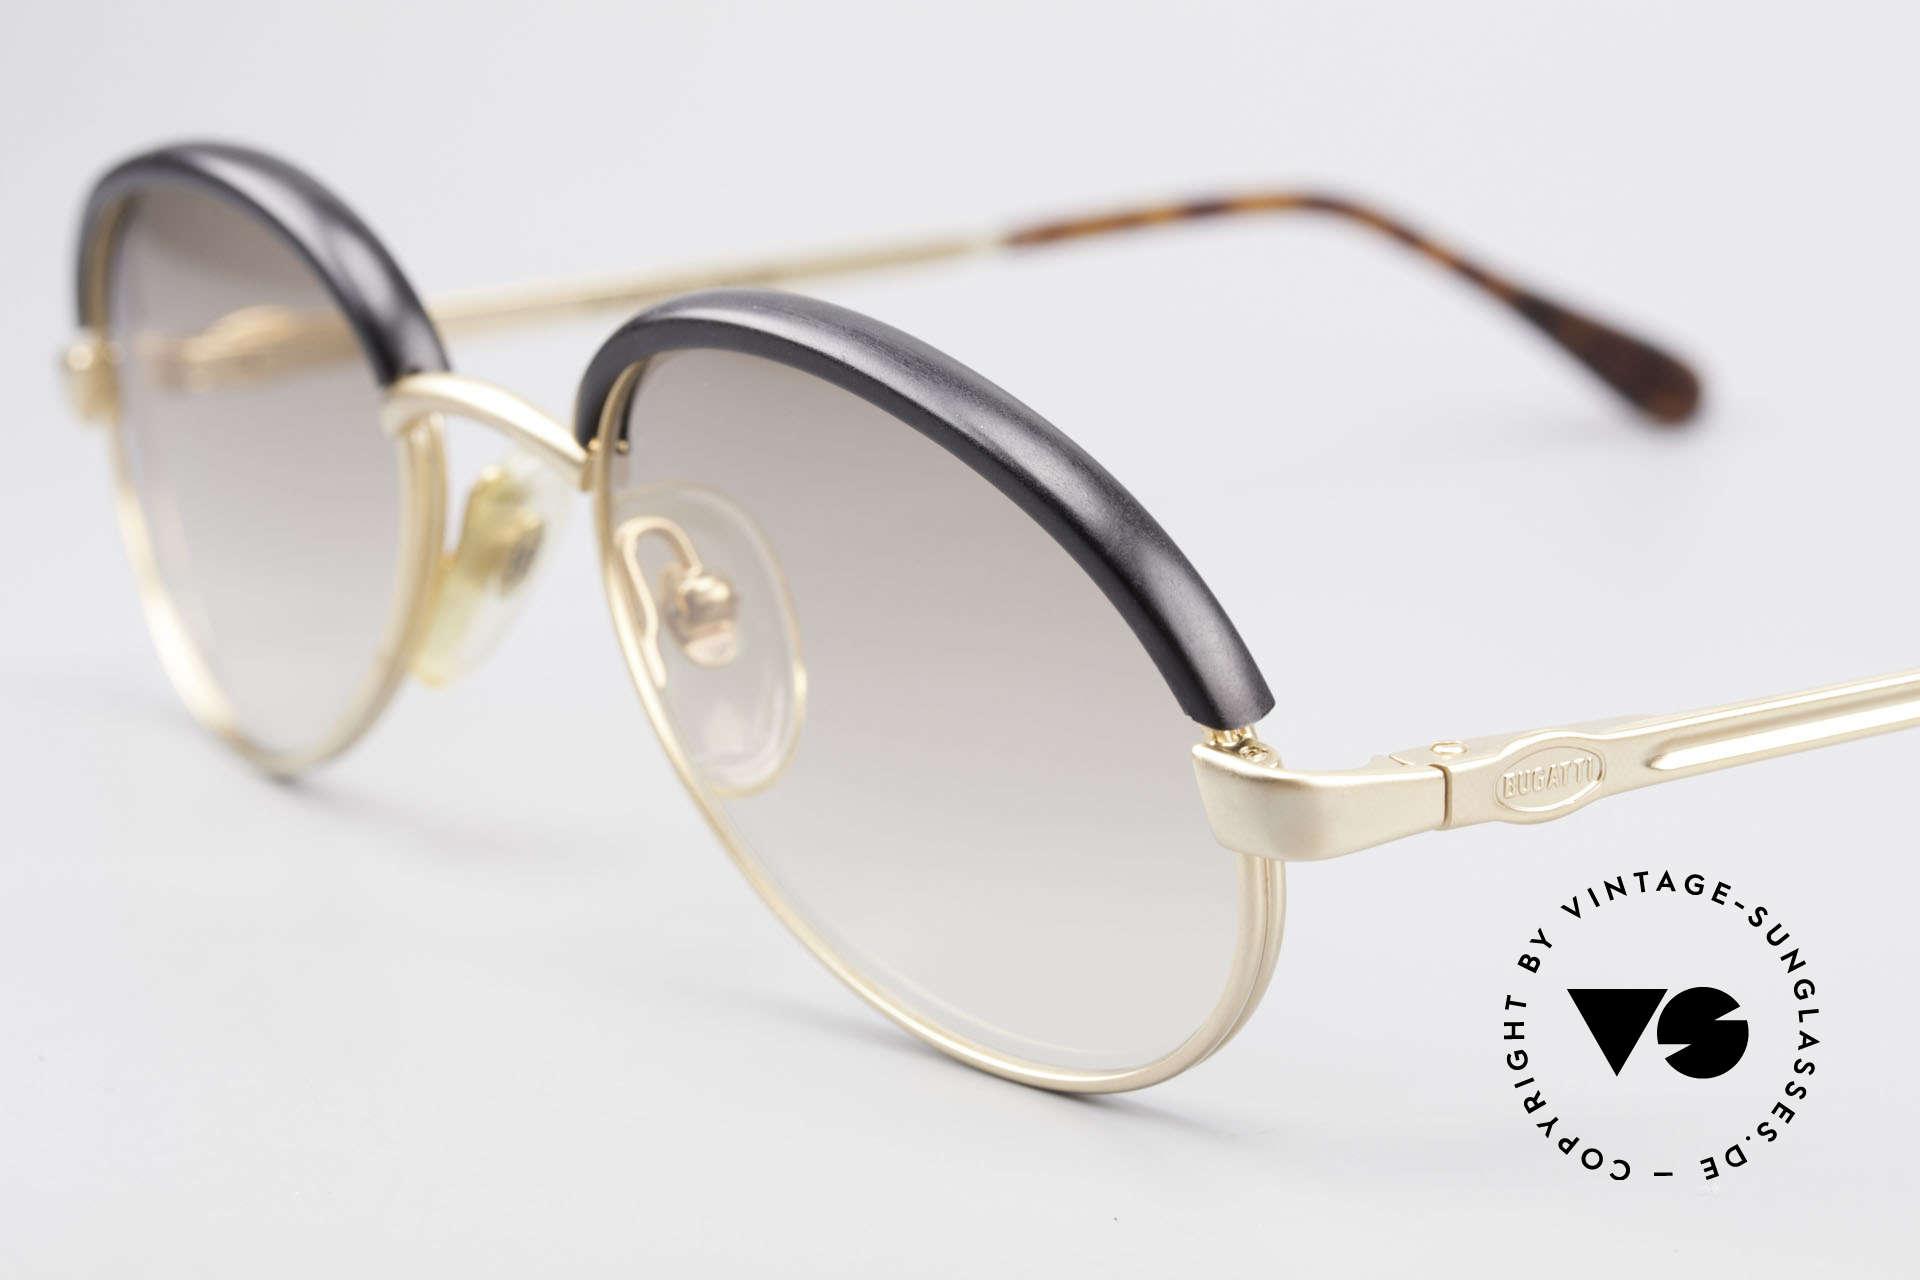 Bugatti 03180 Alte Klassische Bugatti Brille, zudem hoher Komfort/Passform dank Federgelenke, Passend für Herren